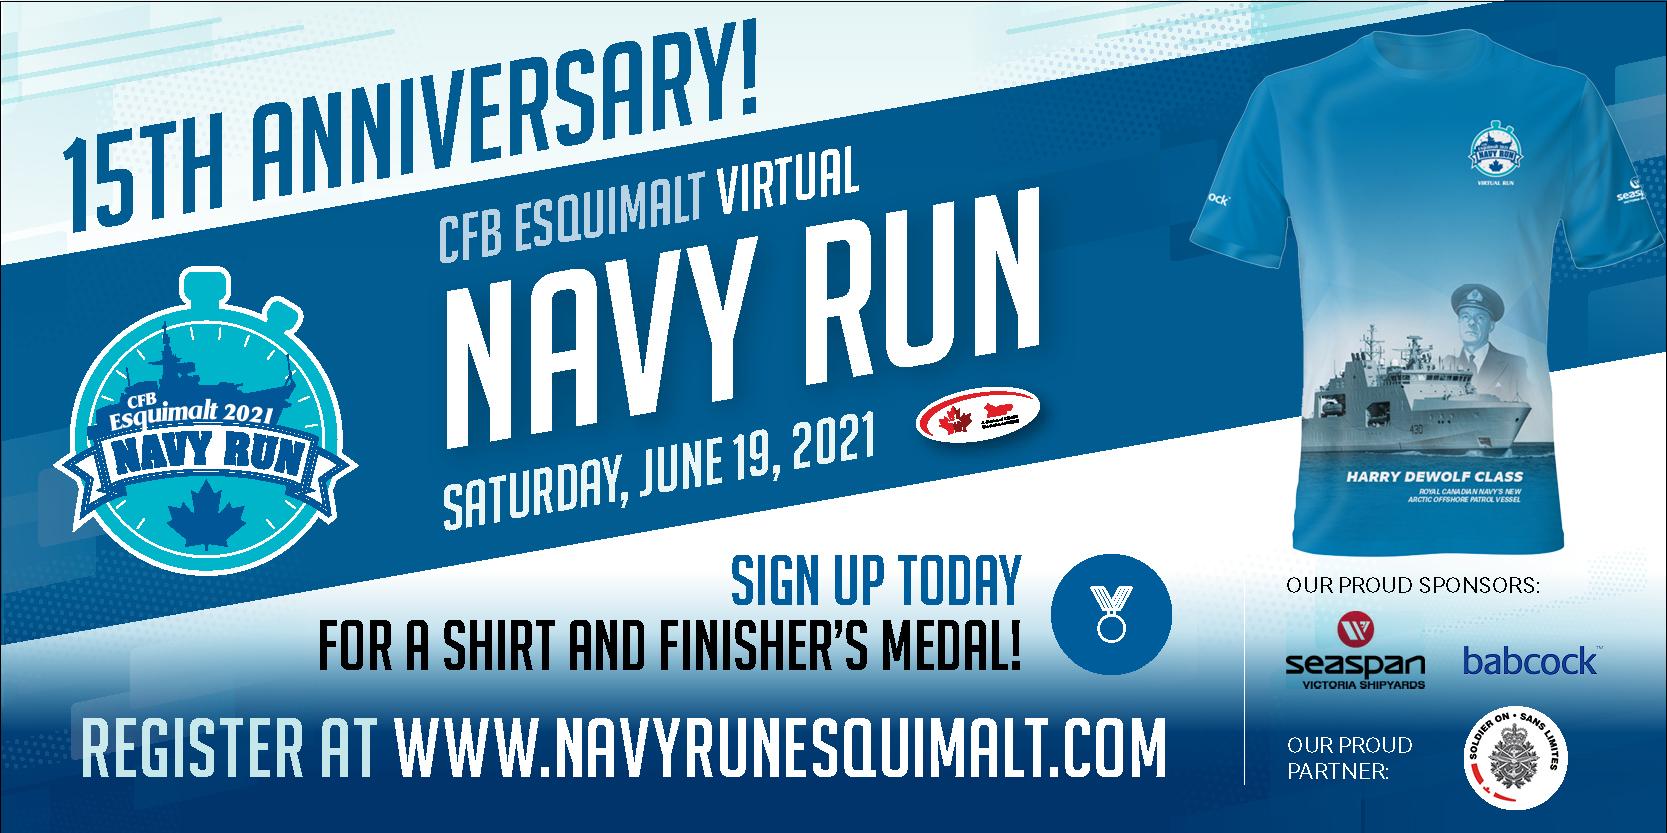 Navy Run